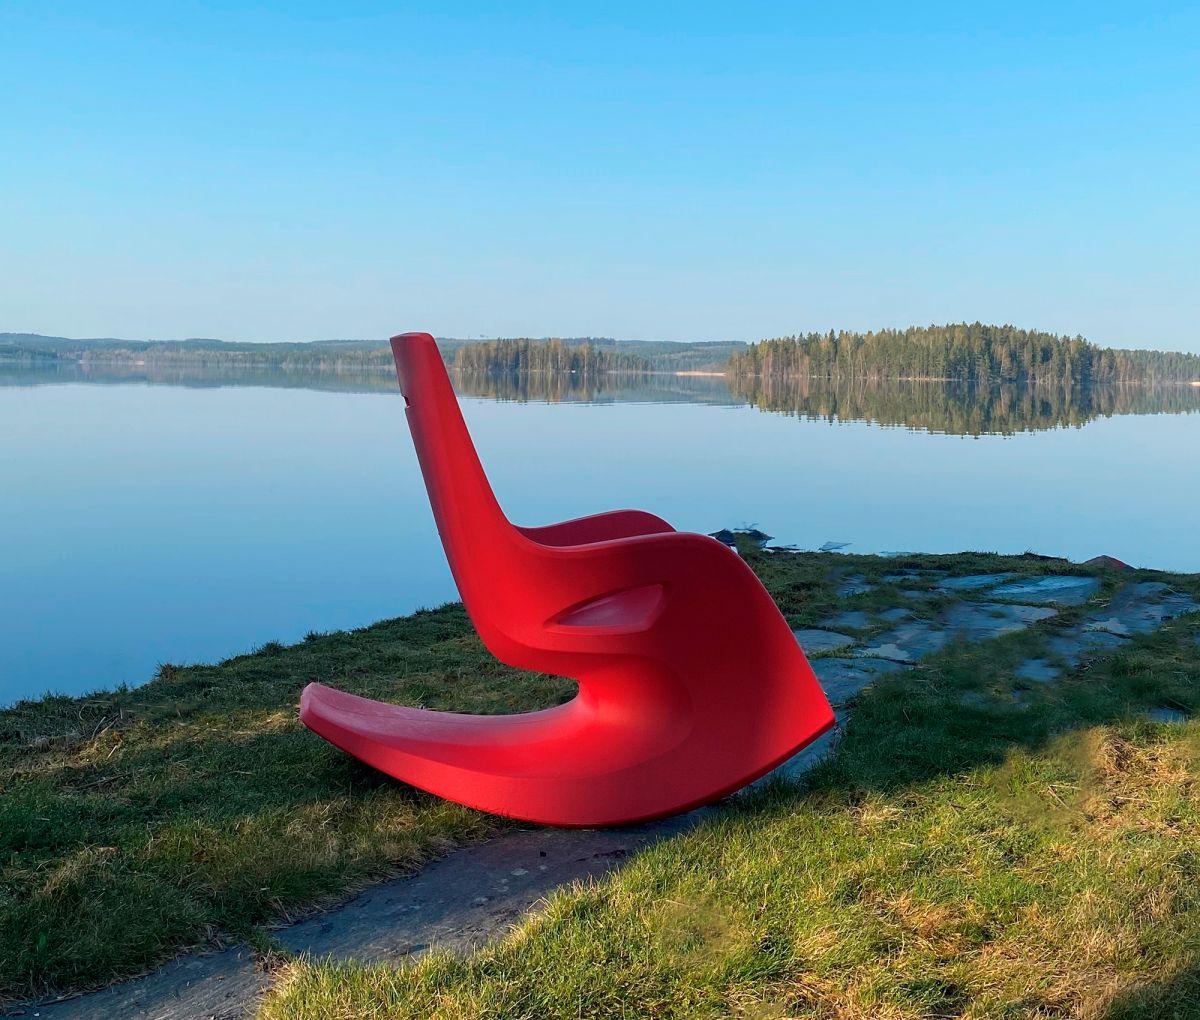 punainen heija keinutuoli järvimaisema